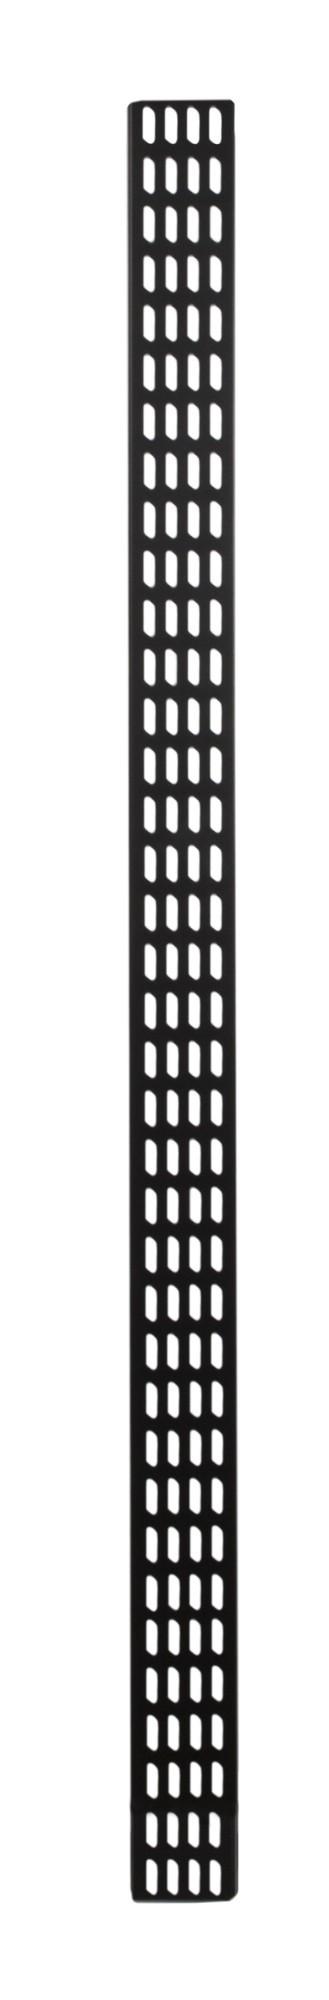 Afbeelding van 37U verticale kabelgoot